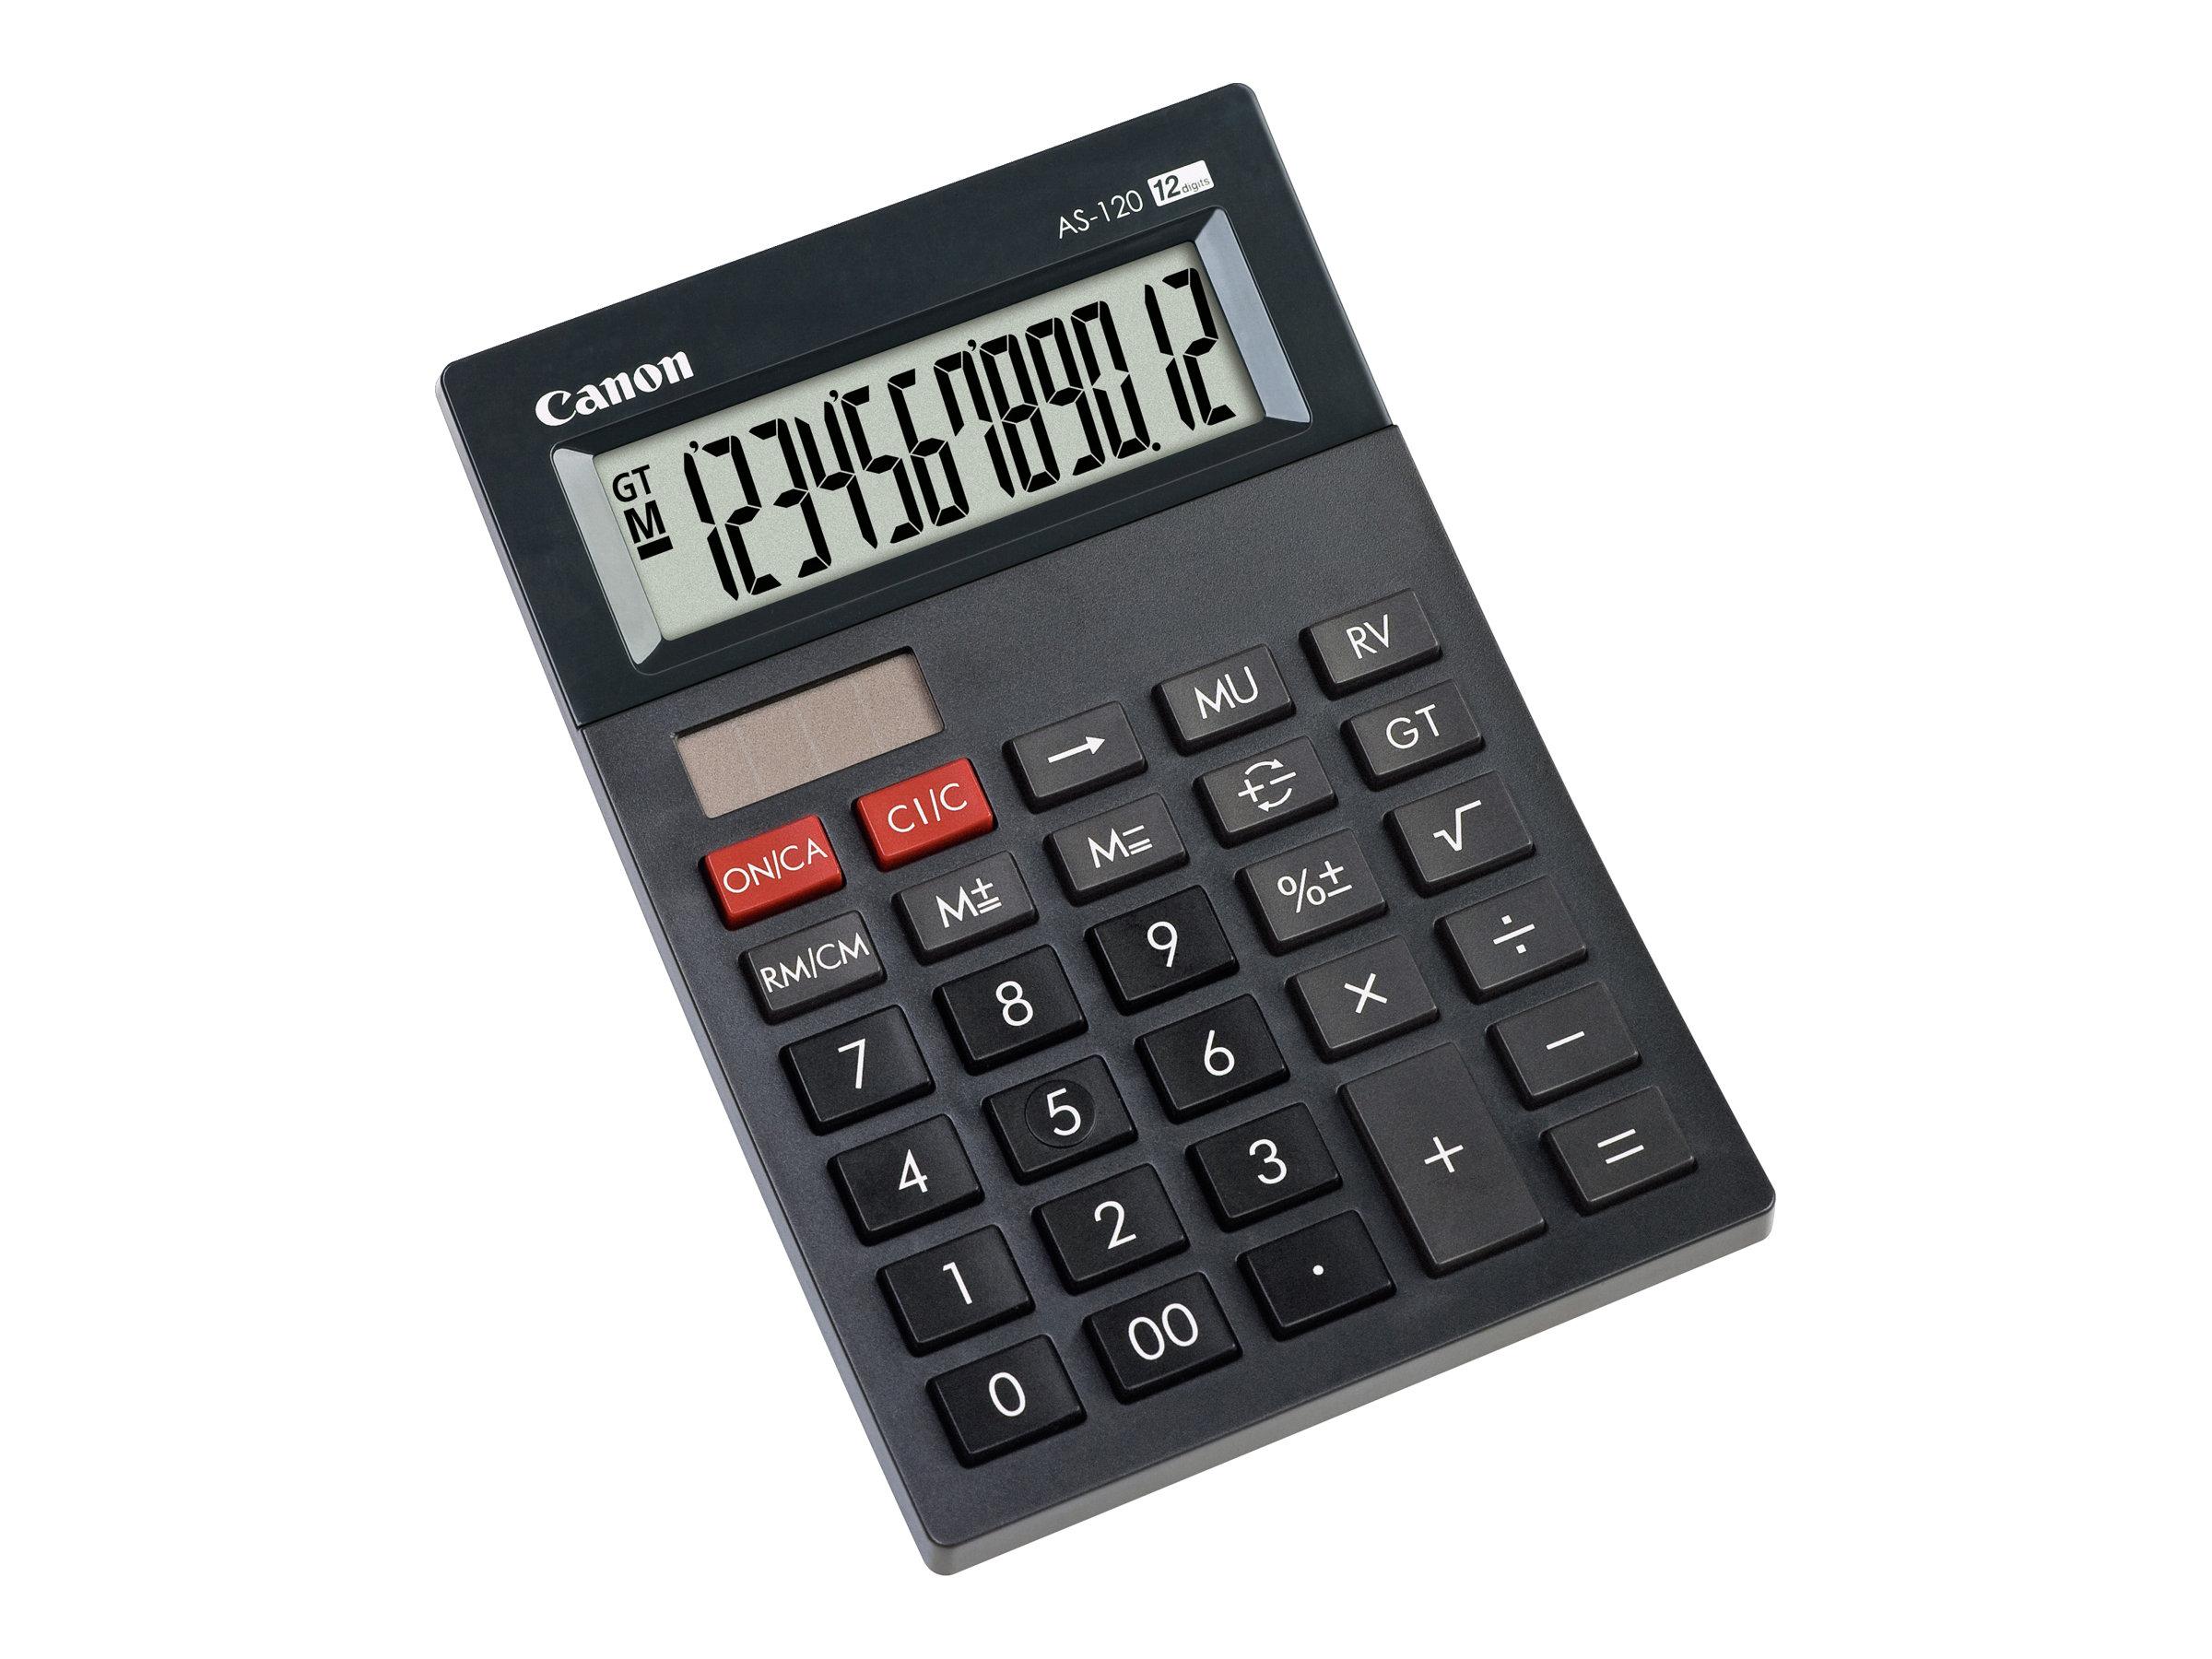 Calculatrice de bureau Canon AS-120 - 12 chiffres - alimentation batterie et solaire